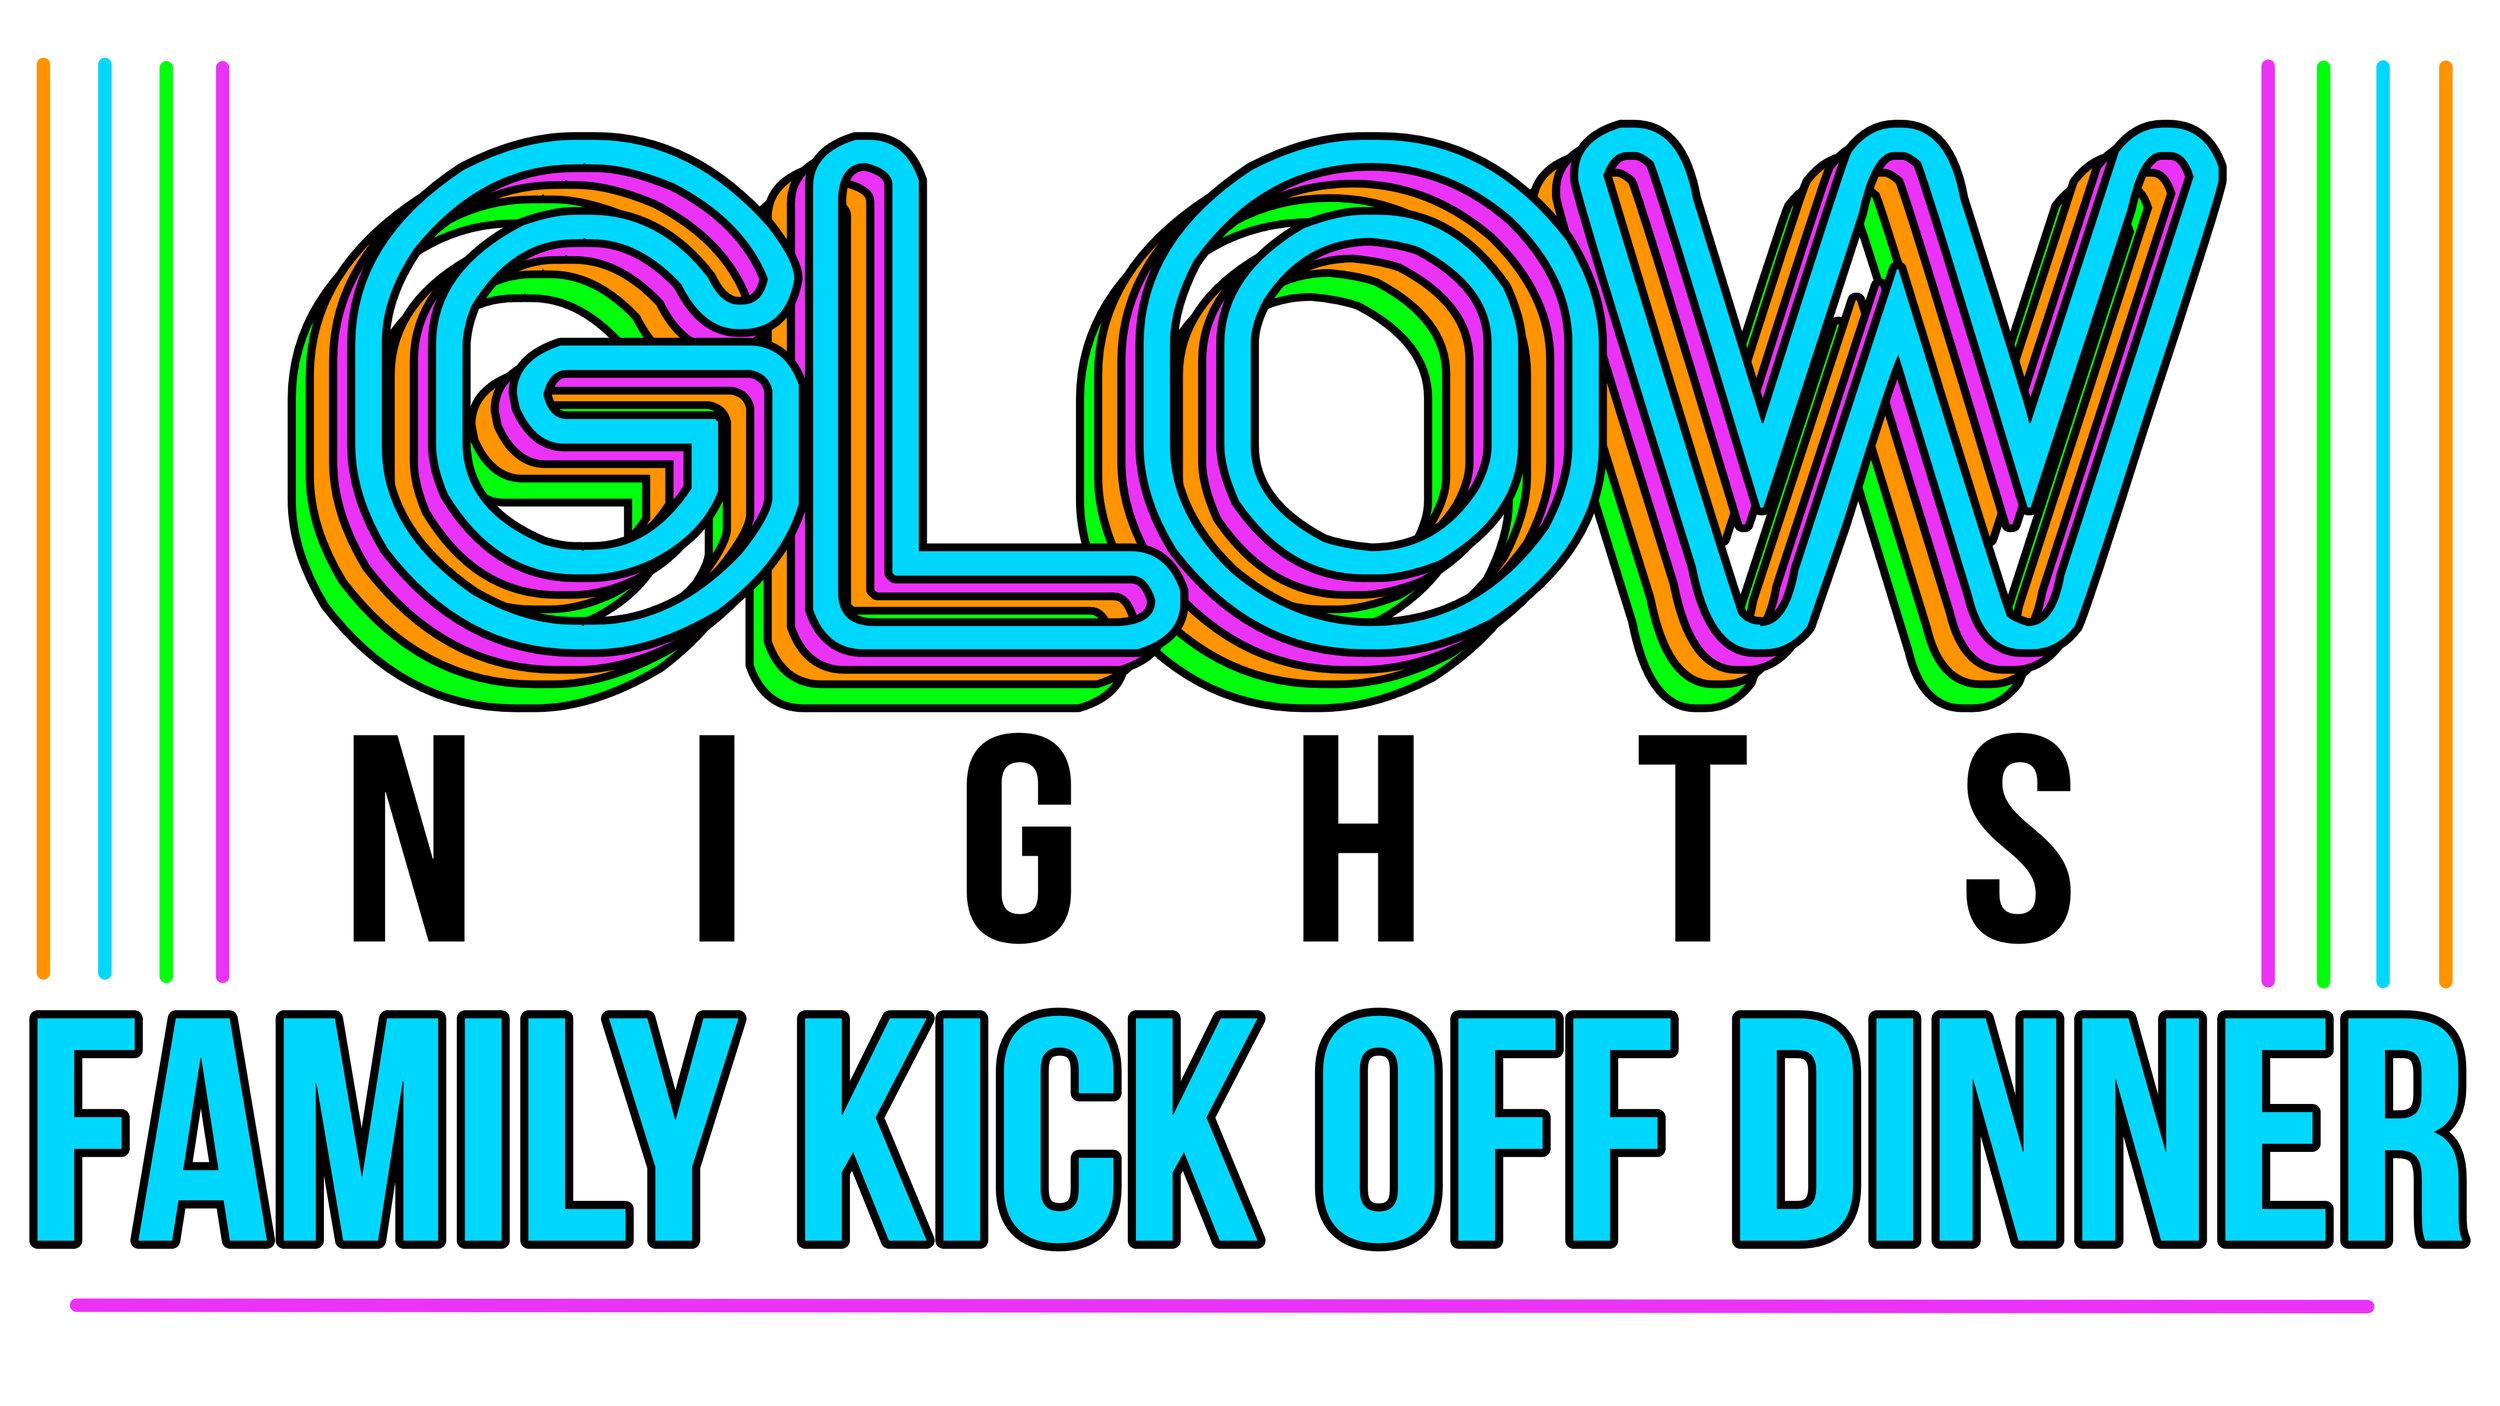 Glow Nights Kick-Off Dinner 16x9.jpg